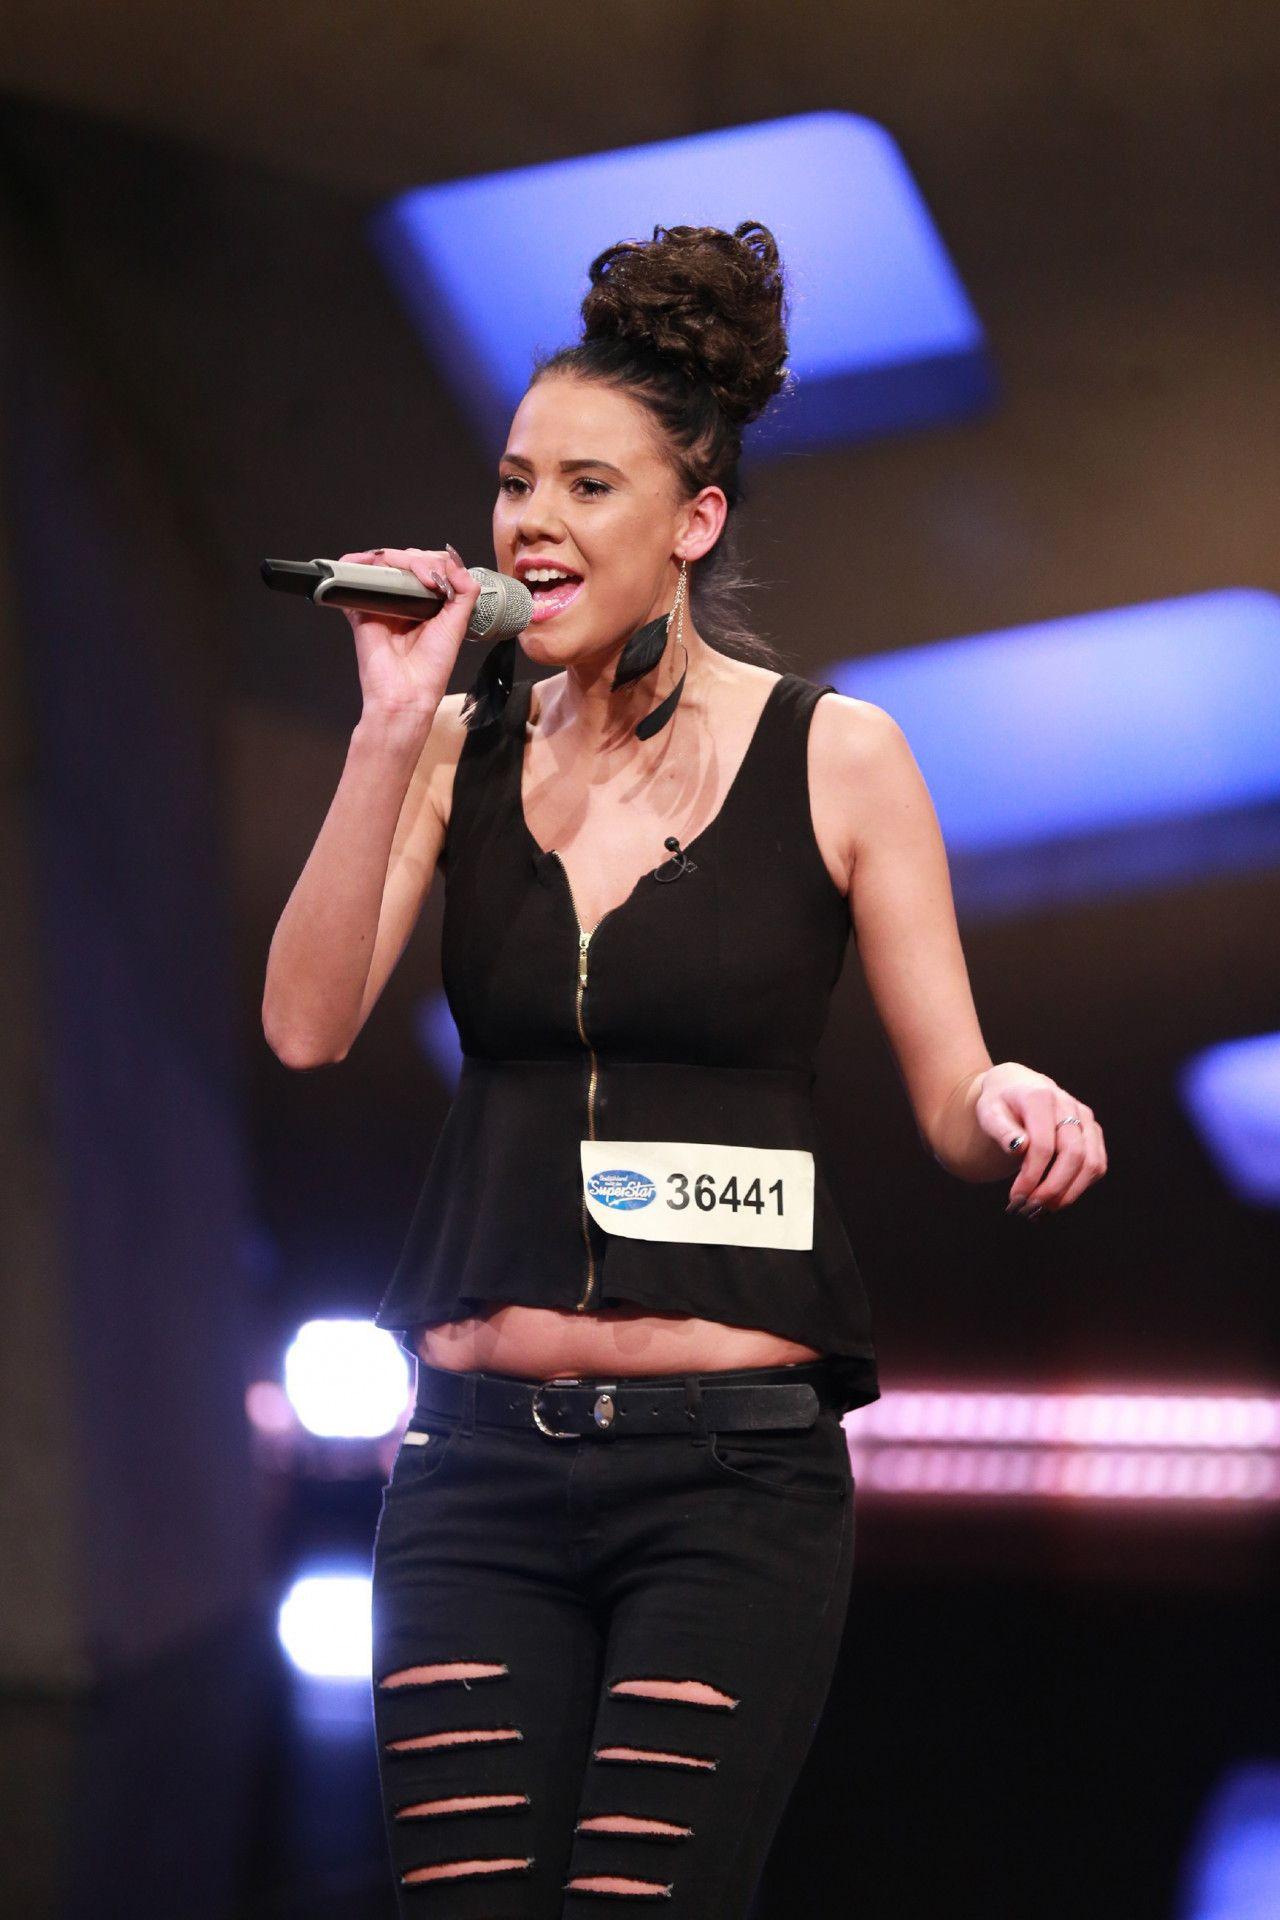 """Alisha Becker möchte Superstar werden, """"weil es mein Traum ist und ich es liebe, zu singen."""""""